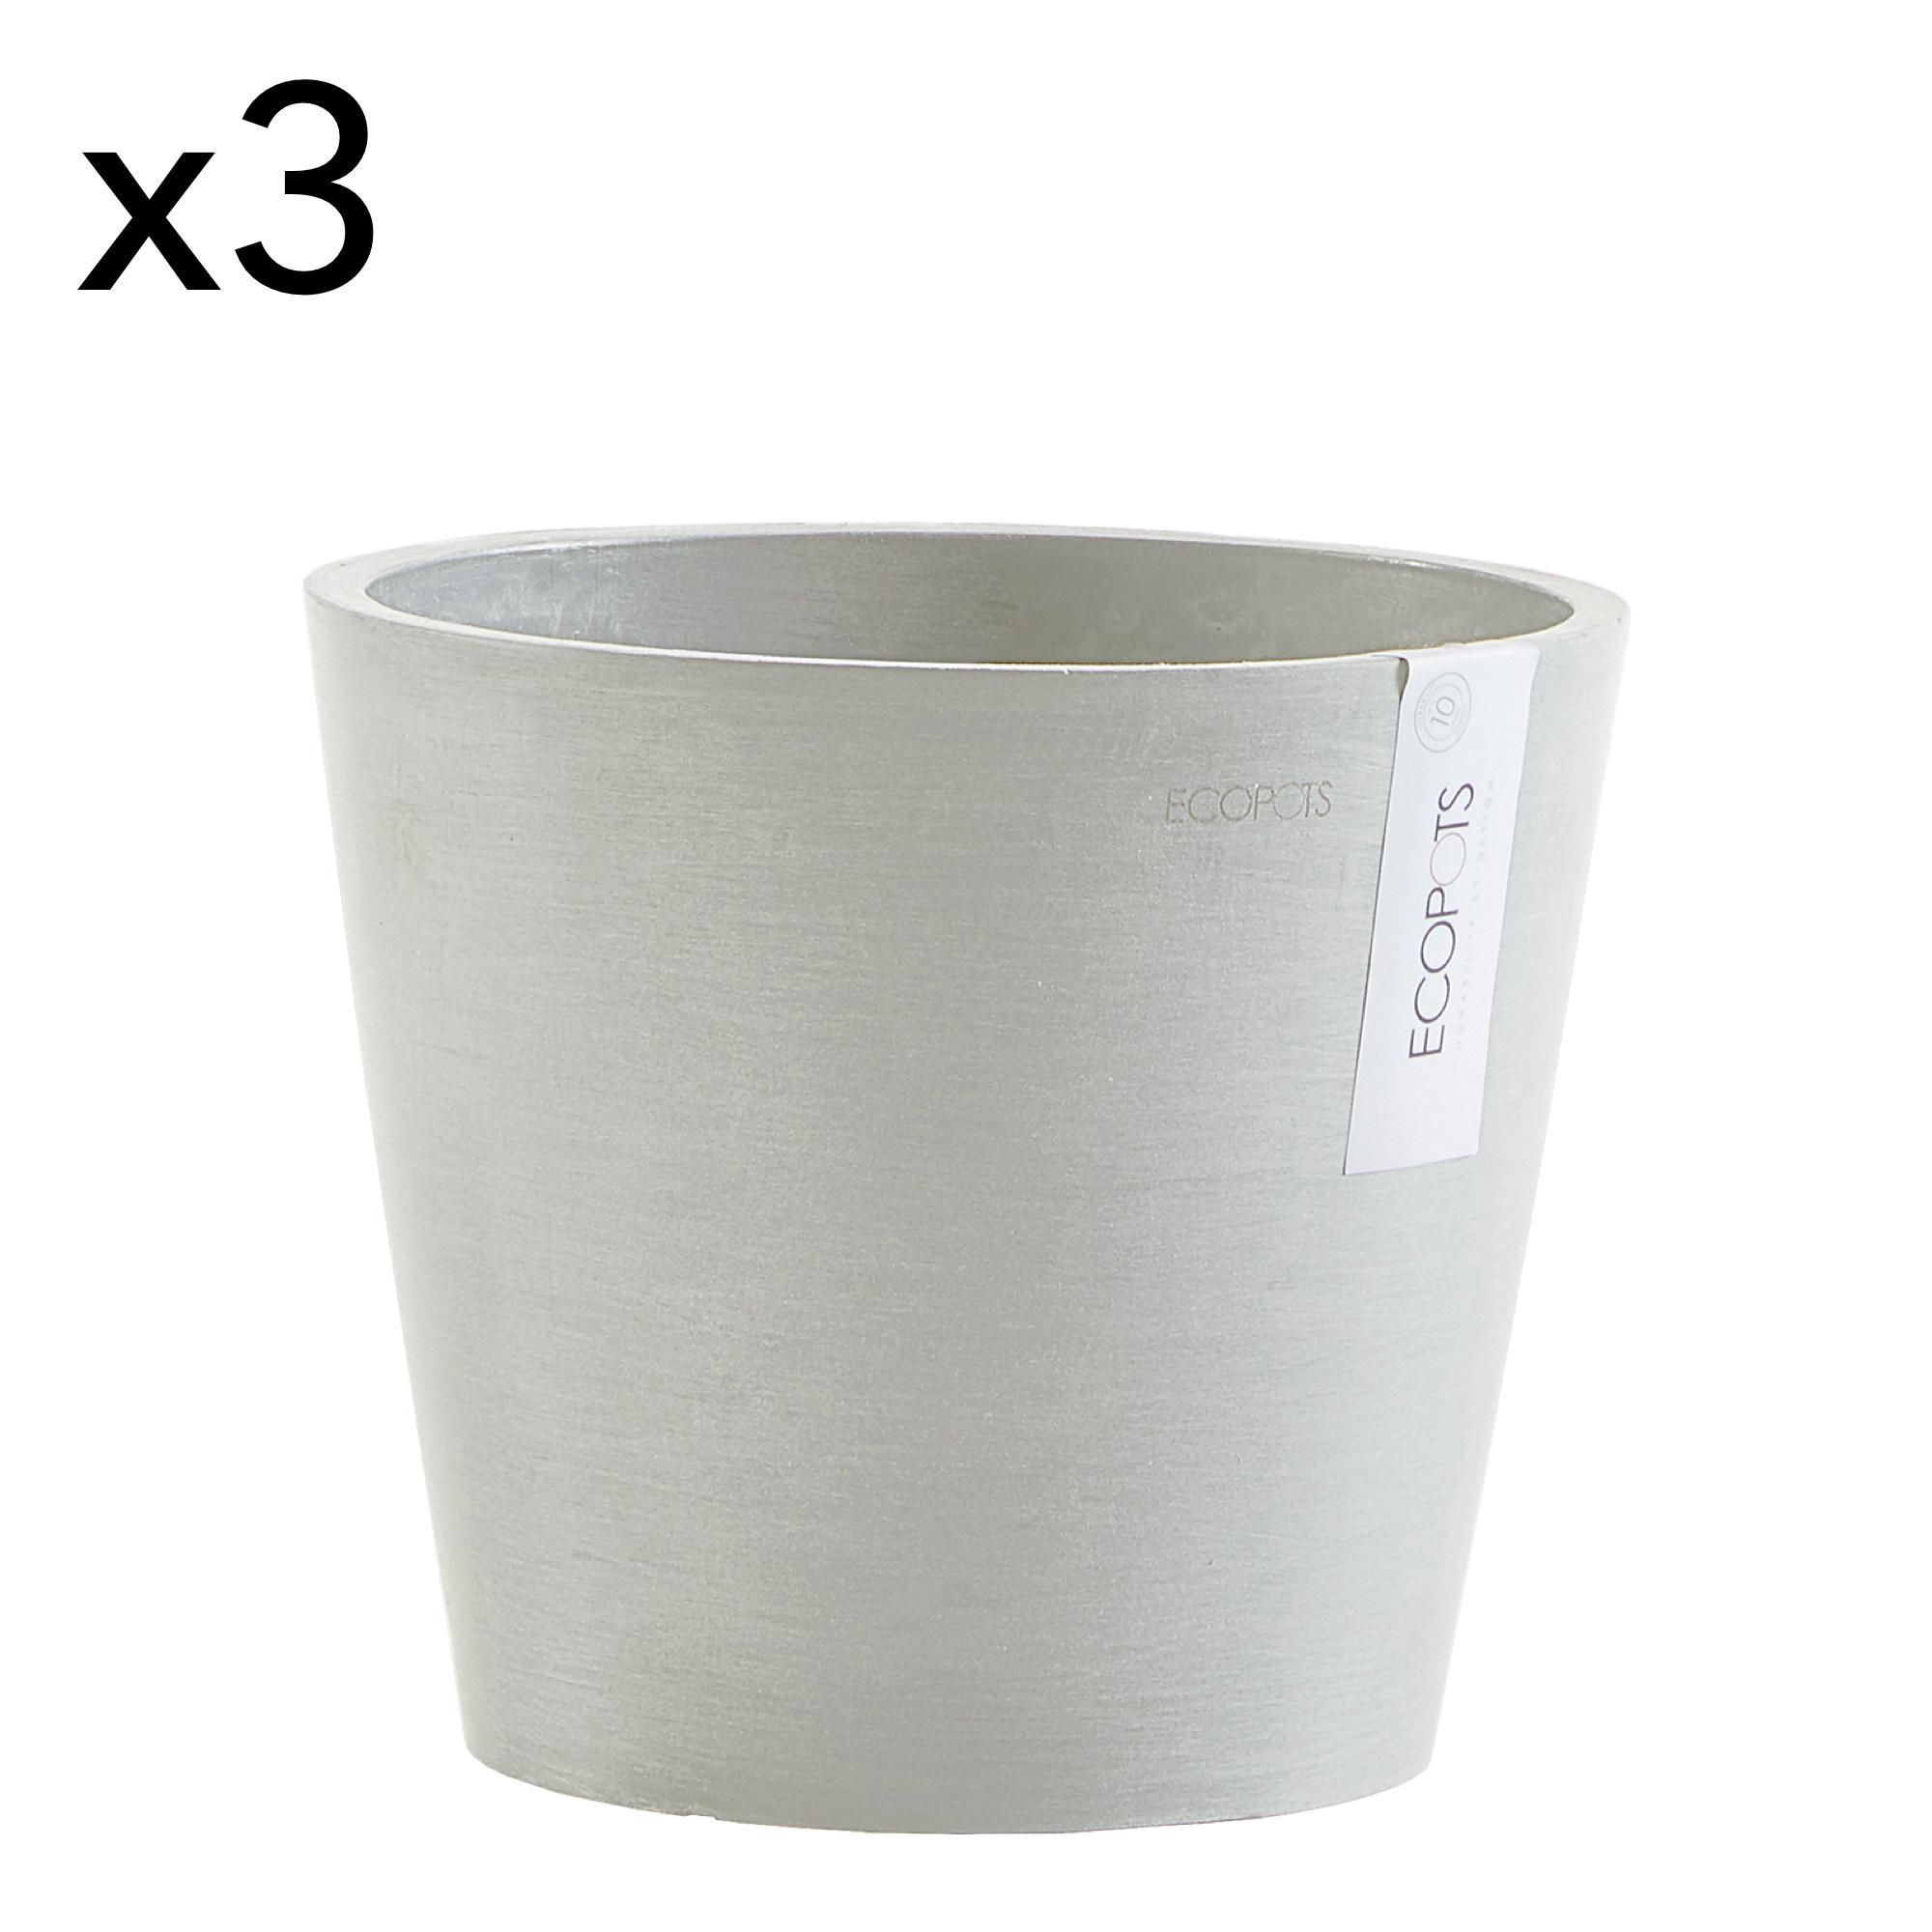 Lot de 3 pots de fleurs blanc gris D20